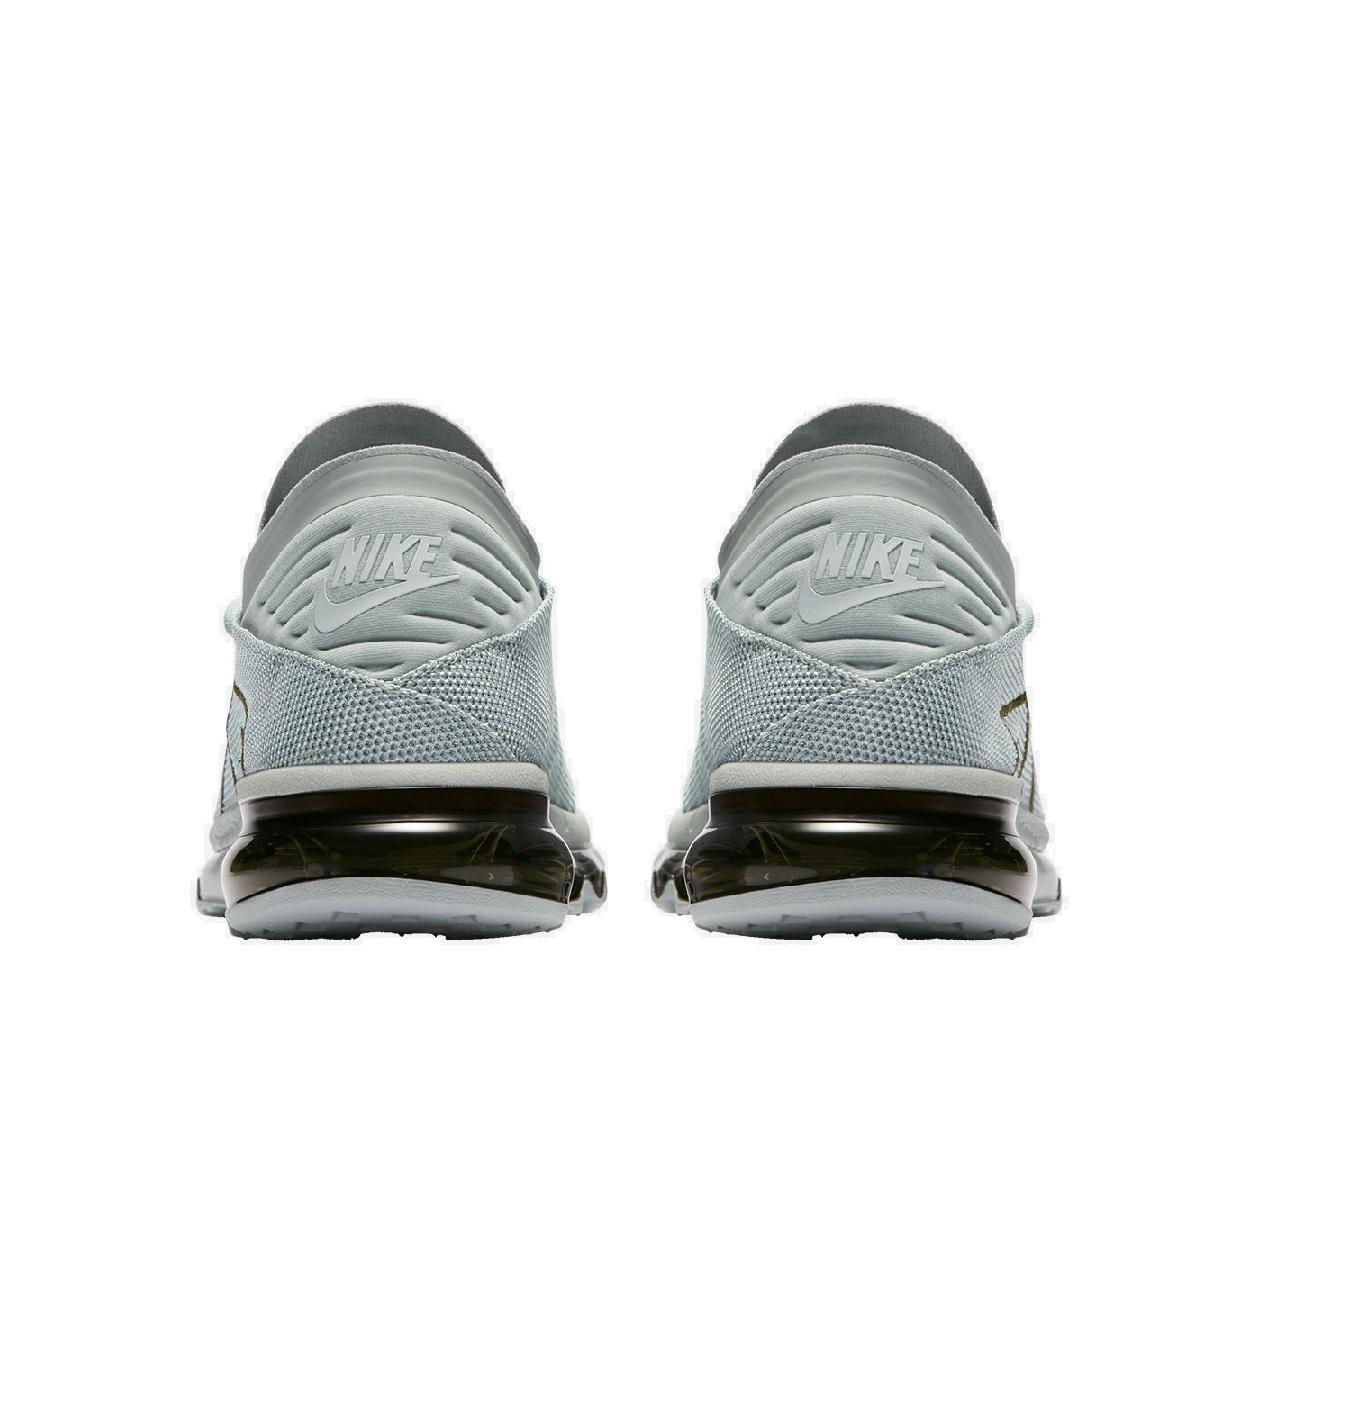 Mens NIKE AIR AIR AIR MAX FLAIR Light Pumice Trainers 942236 009 34a256